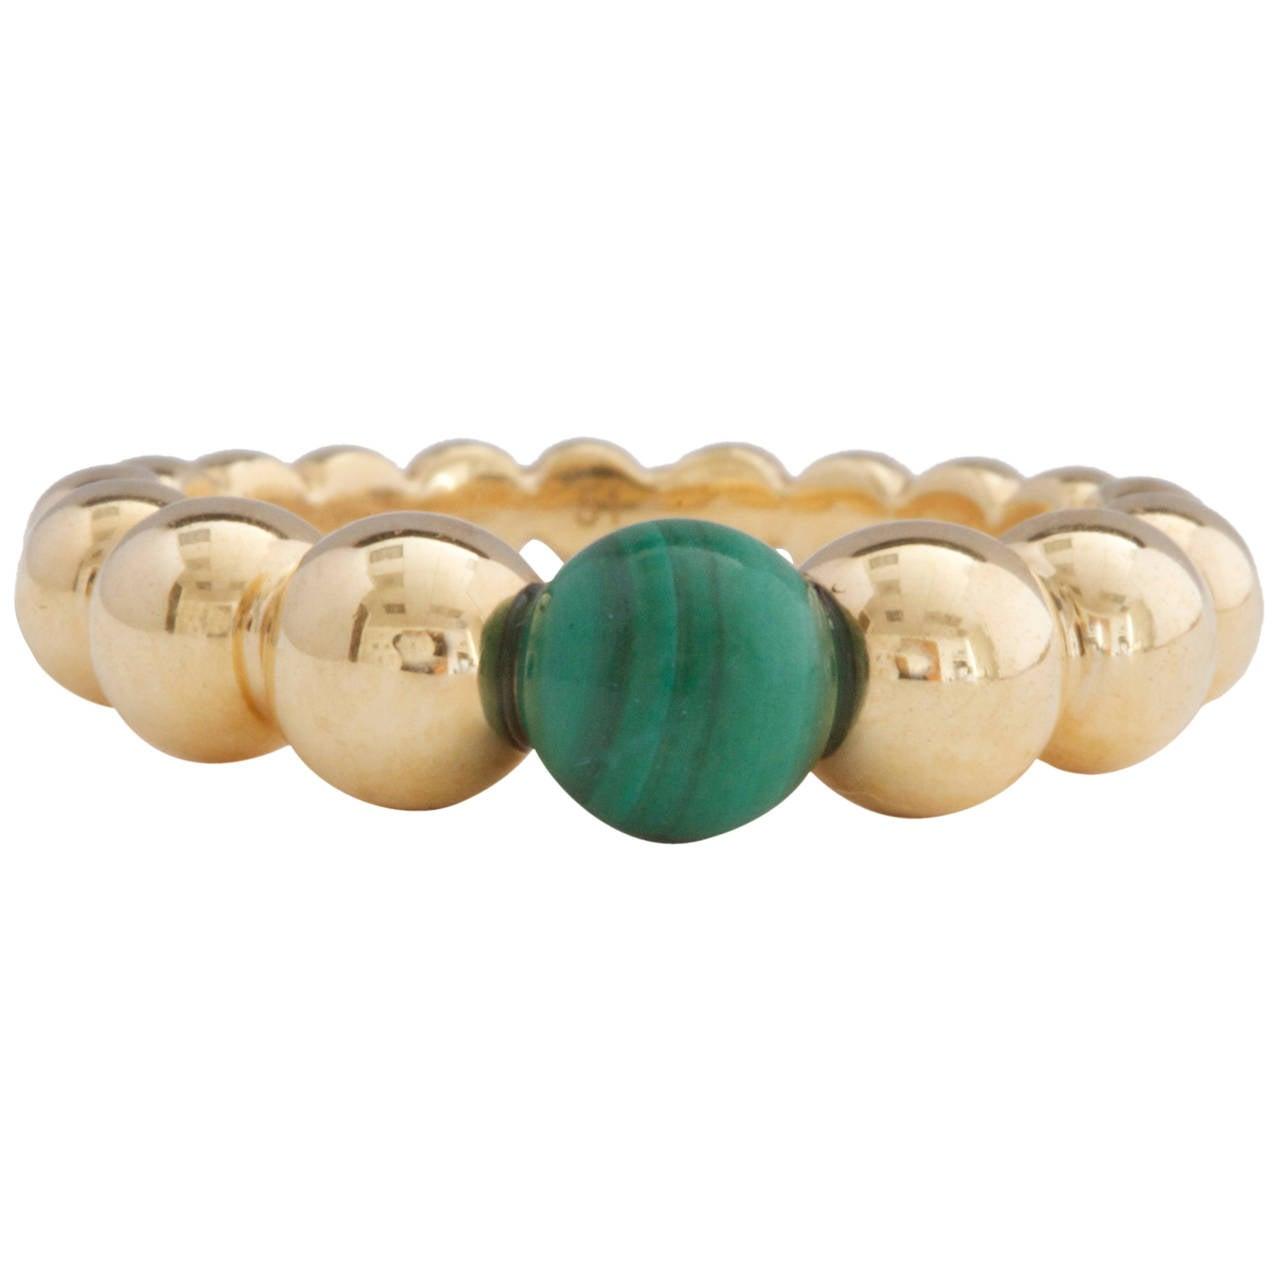 Van Cleef & Arpels Perlee Malachite Gold Ring 1